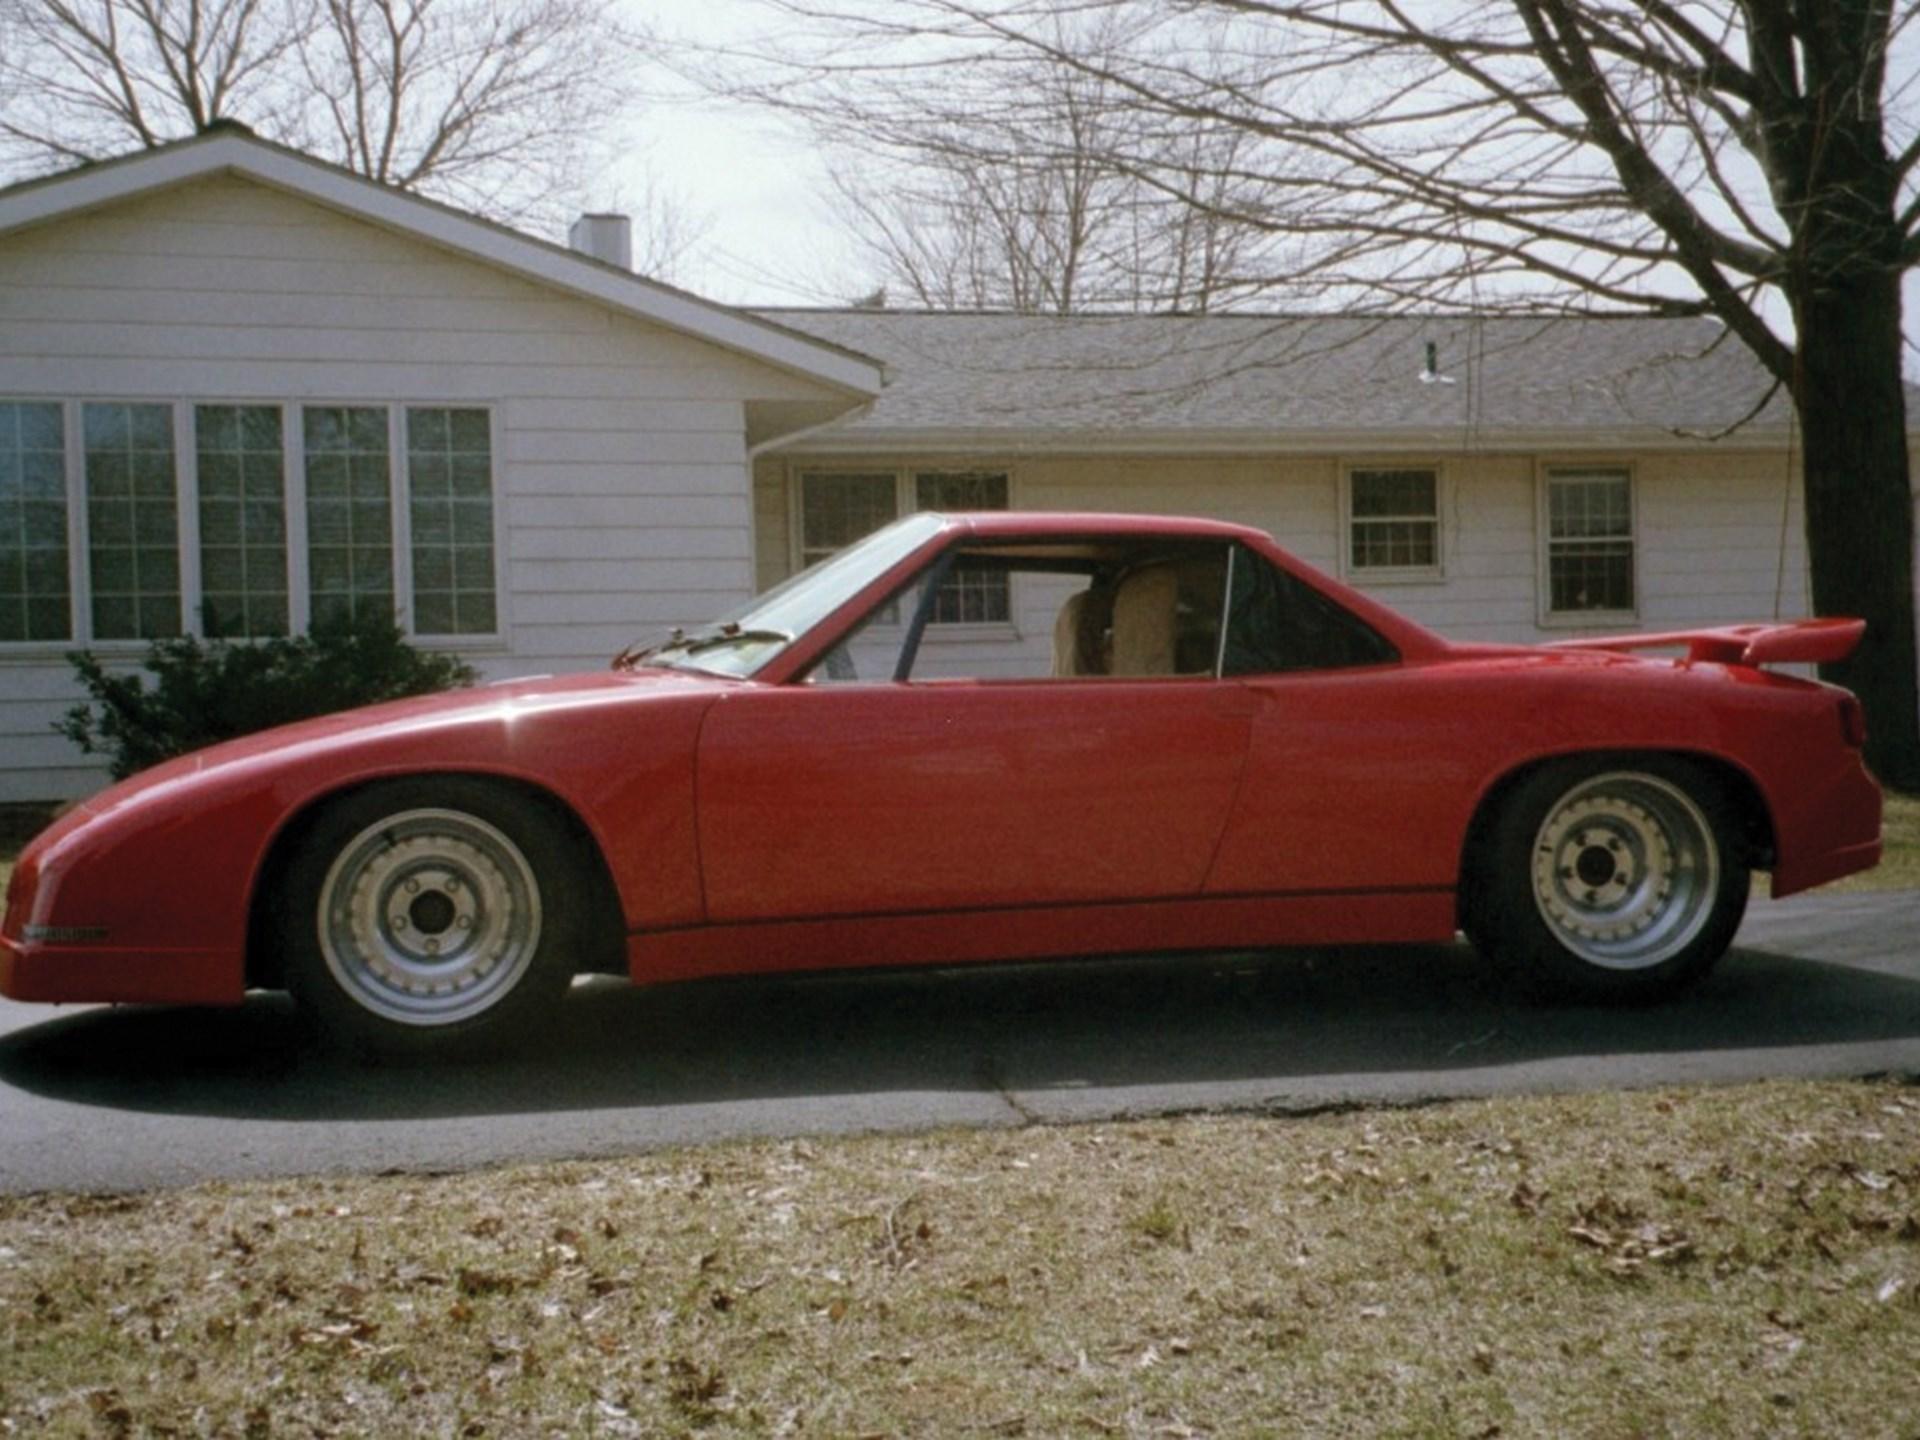 red porsche 911 carrera 4s, red porsche 968, red porsche turbo, red fiat x1/9, red sunbeam alpine, red porsche 928, red porsche targa, red porsche 991, red porsche 911 gt3, red porsche cayman, red porsche panamera, red mclaren 12c, red bugatti eb110, red porsche 356, red porsche cayenne, red porsche gt3 rs, red ferrari 288 gto, red porsche 550, red porsche 911 carrera cabriolet, red porsche 944, on india red porsche 914